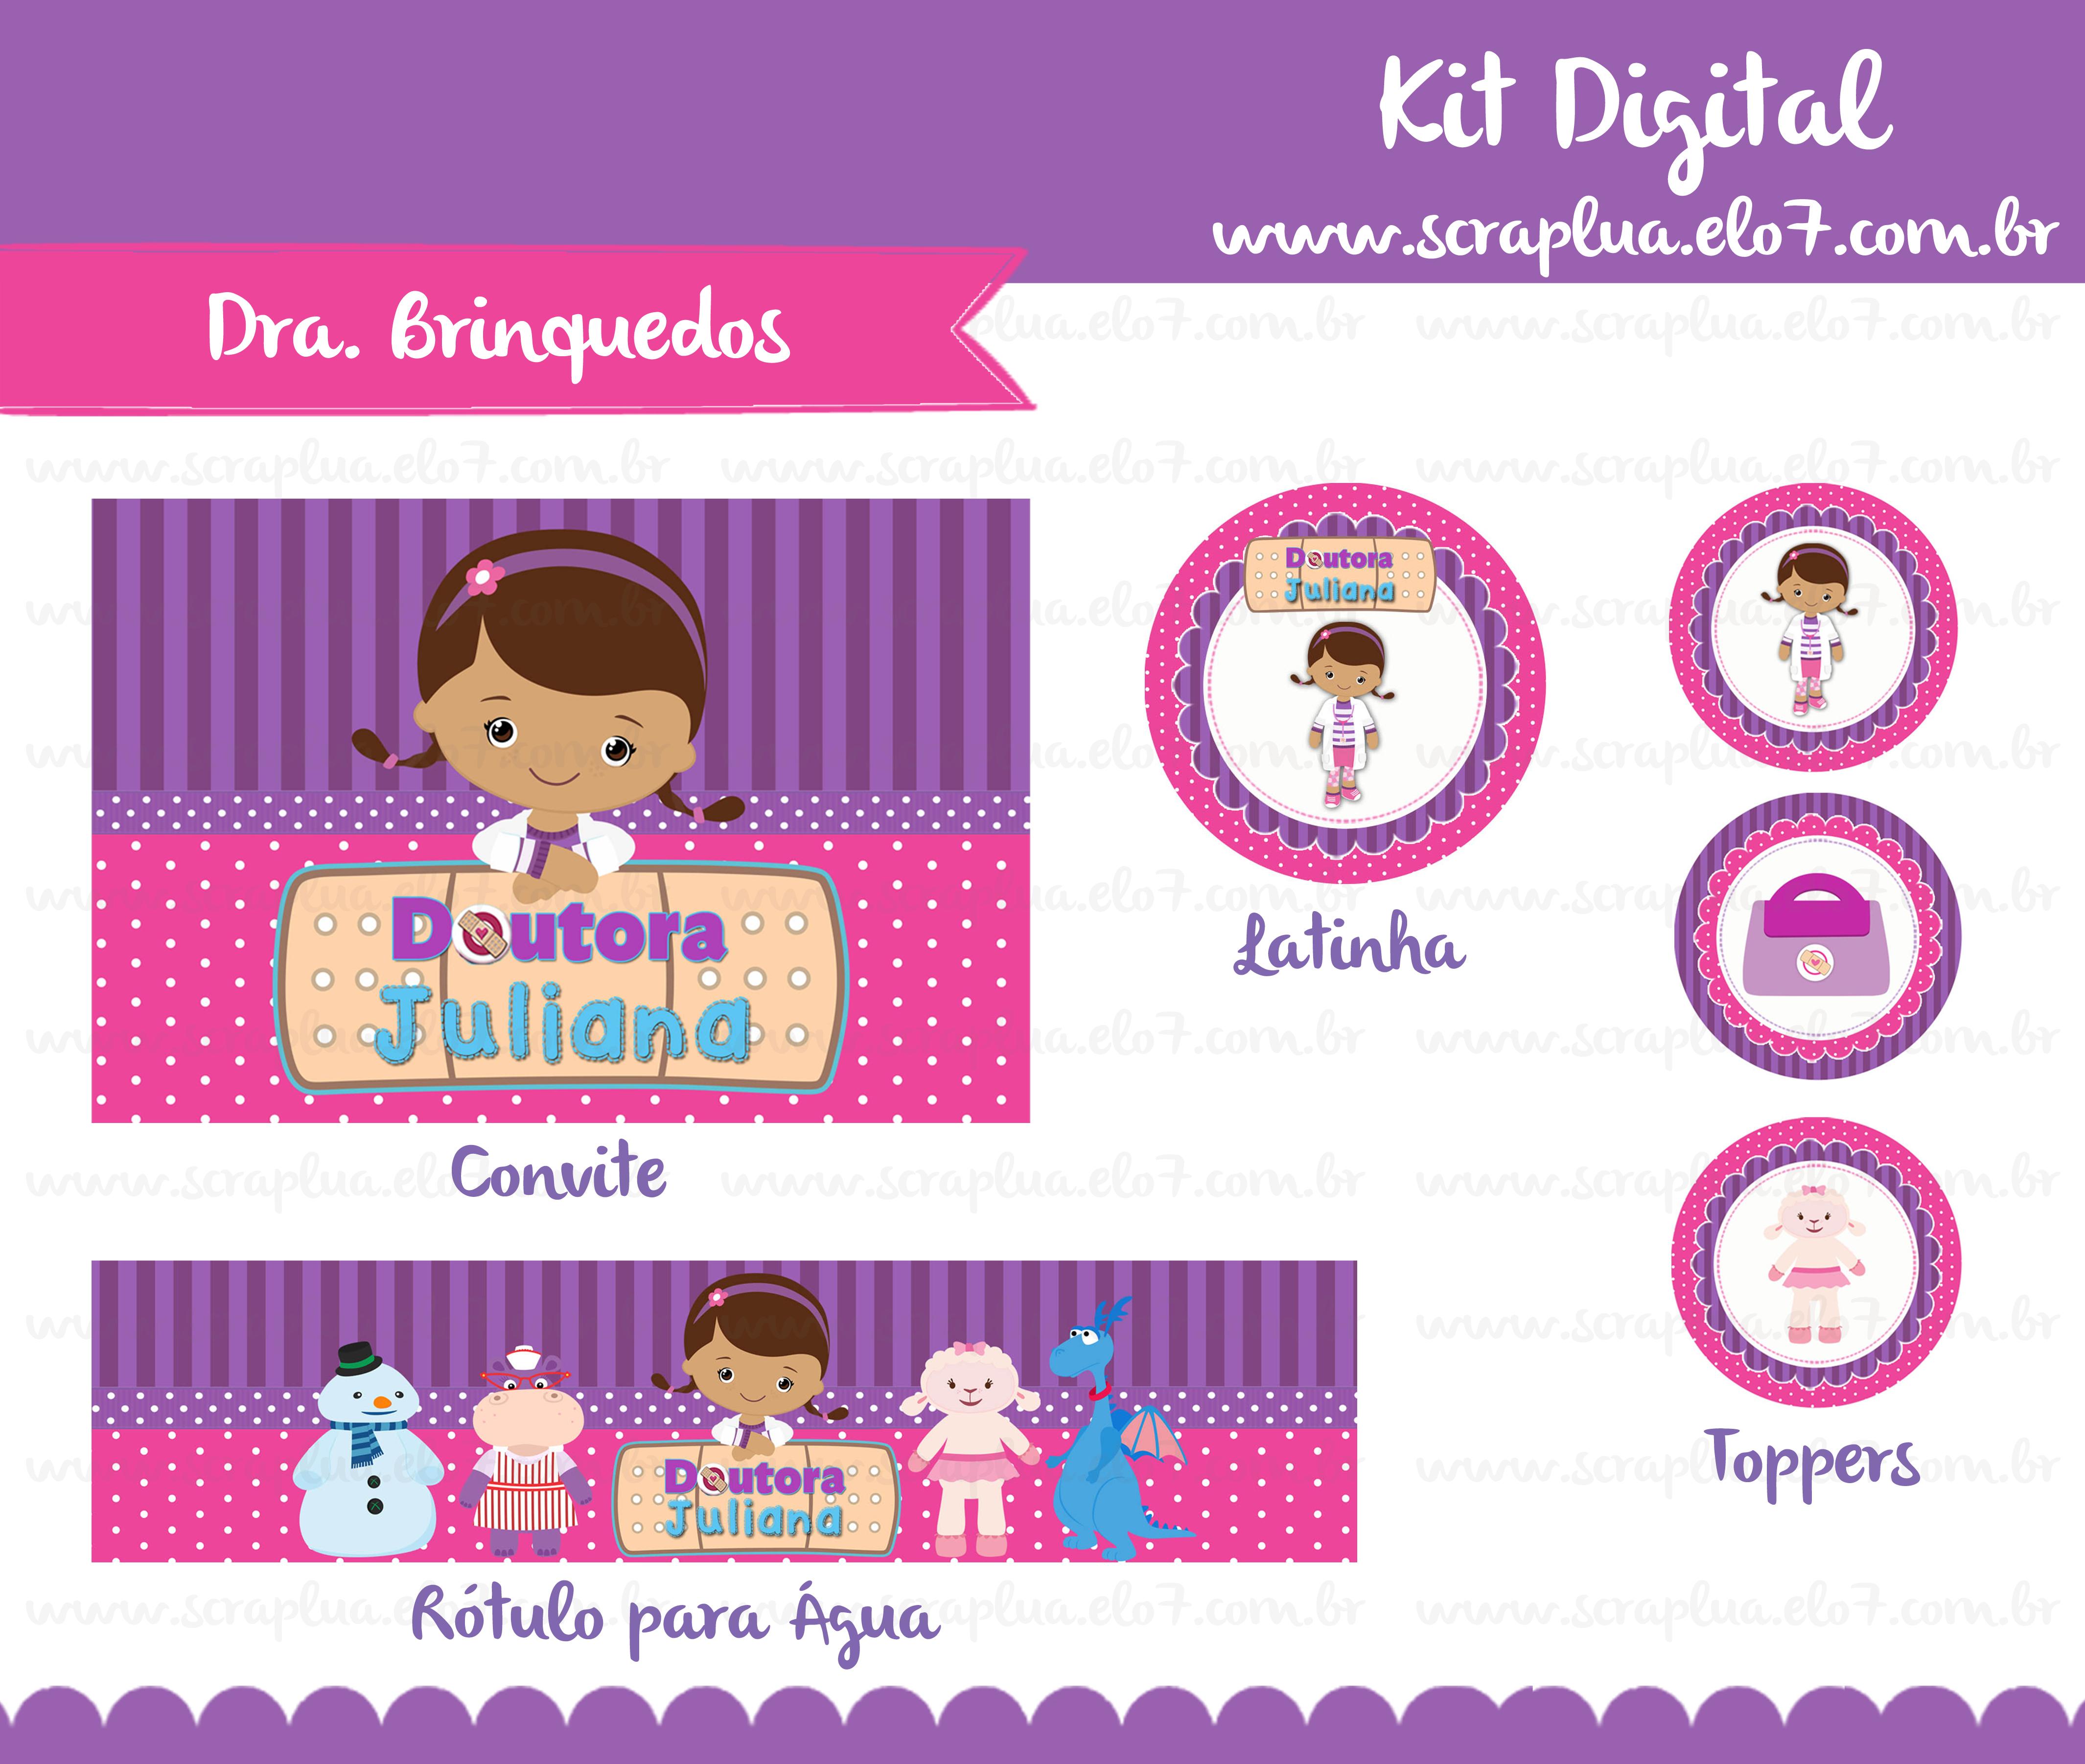 Kit Digital Dra Brinquedos No Elo7 Scrap Lua 45dff8